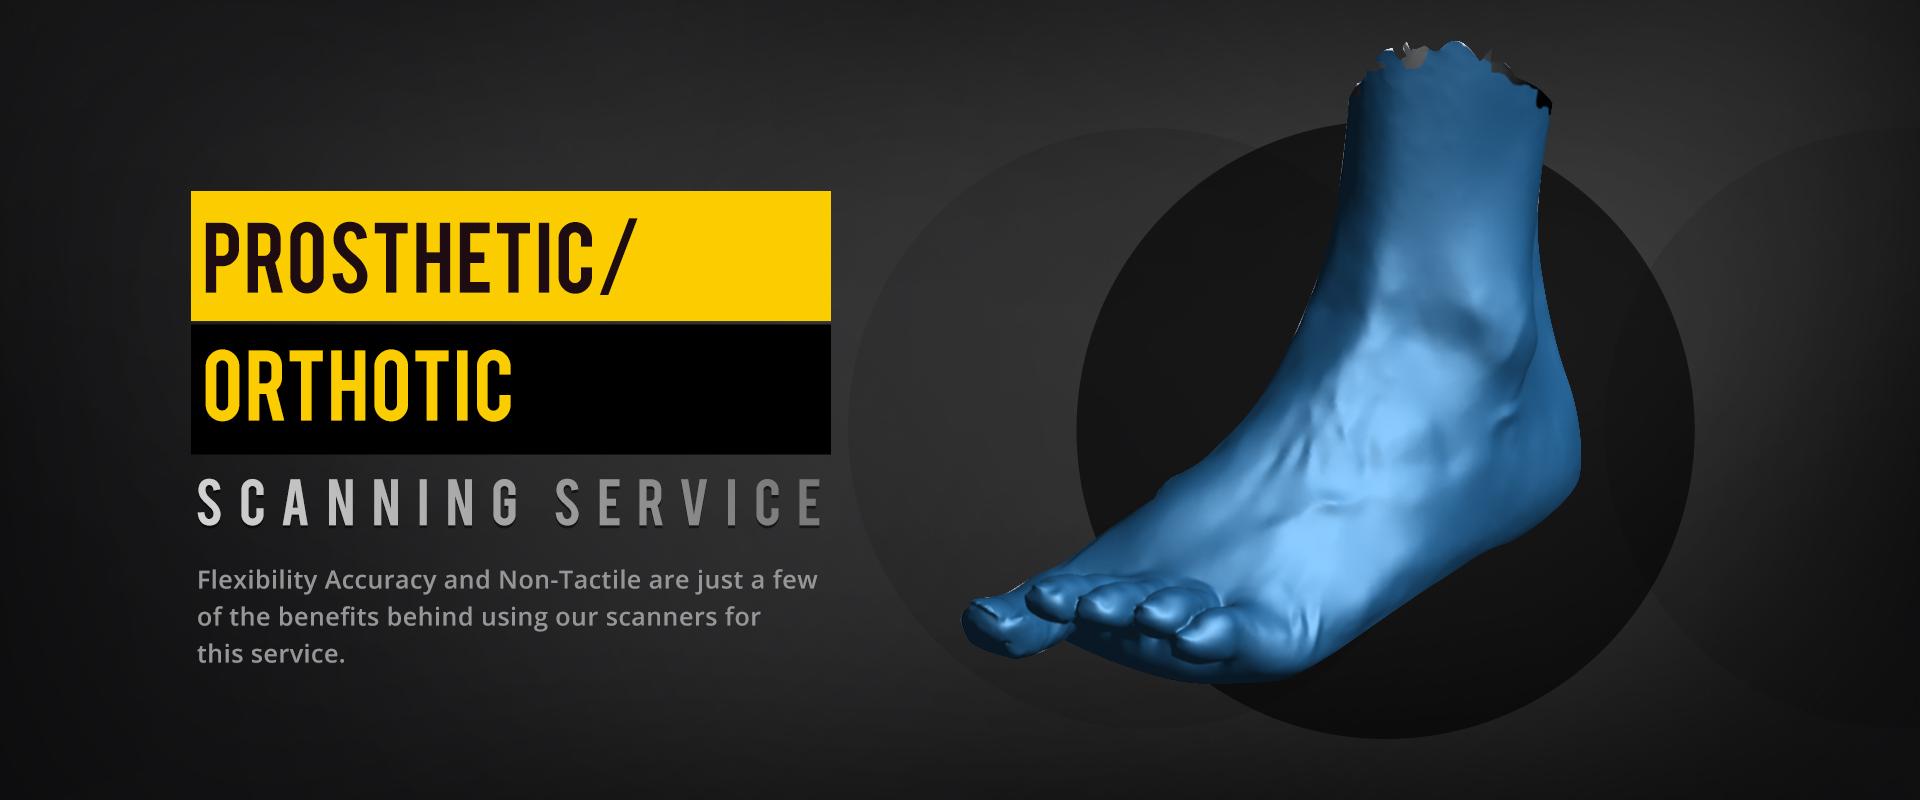 Prosthetic Orthotic Scanning Service